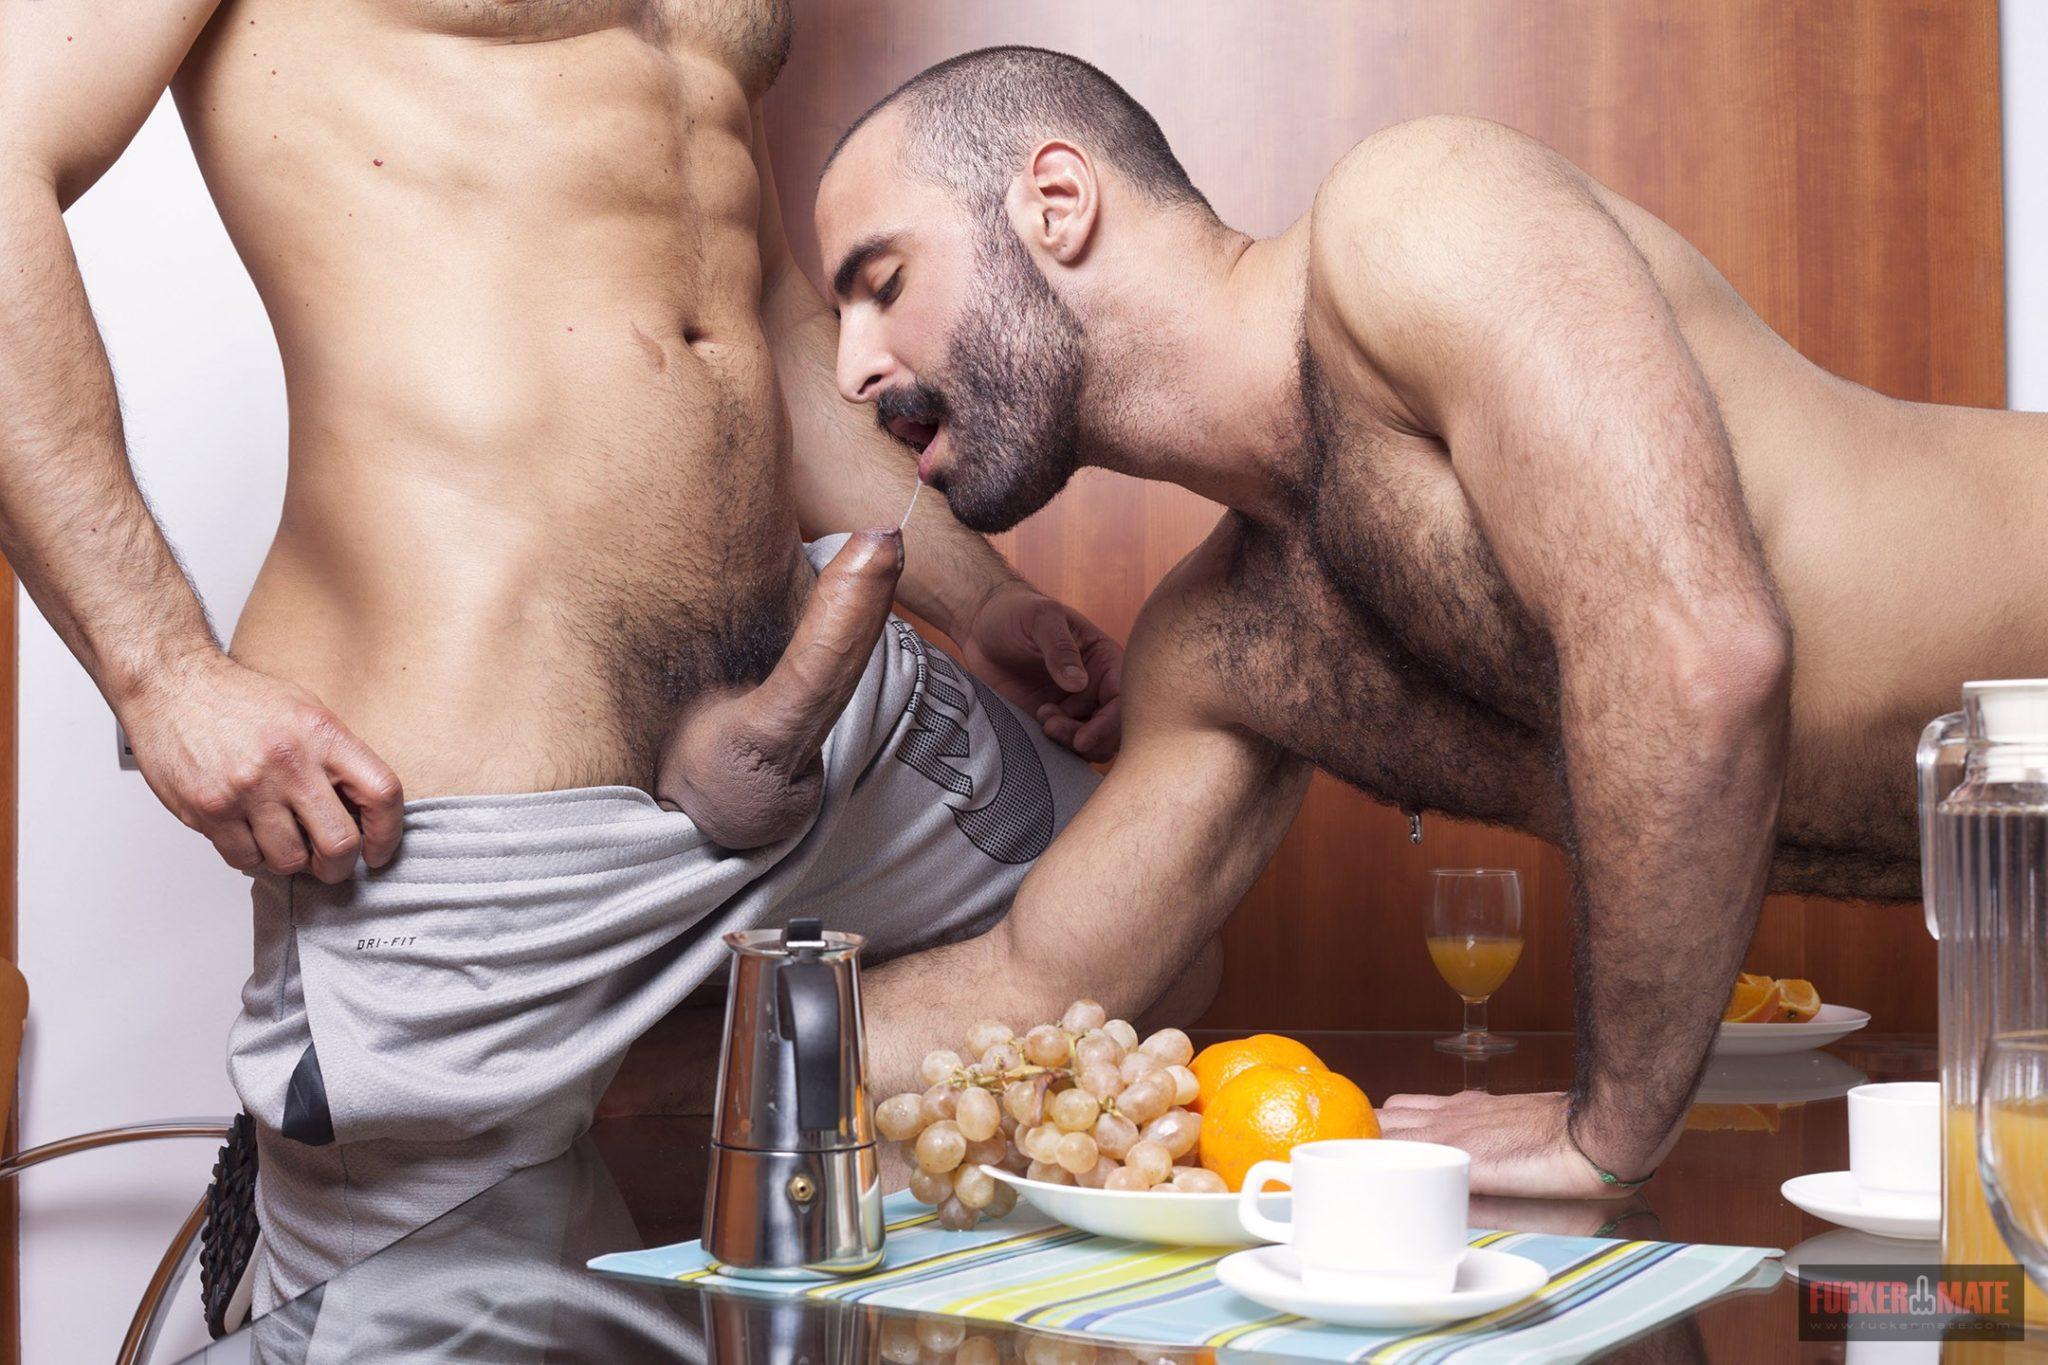 naked rough hard men